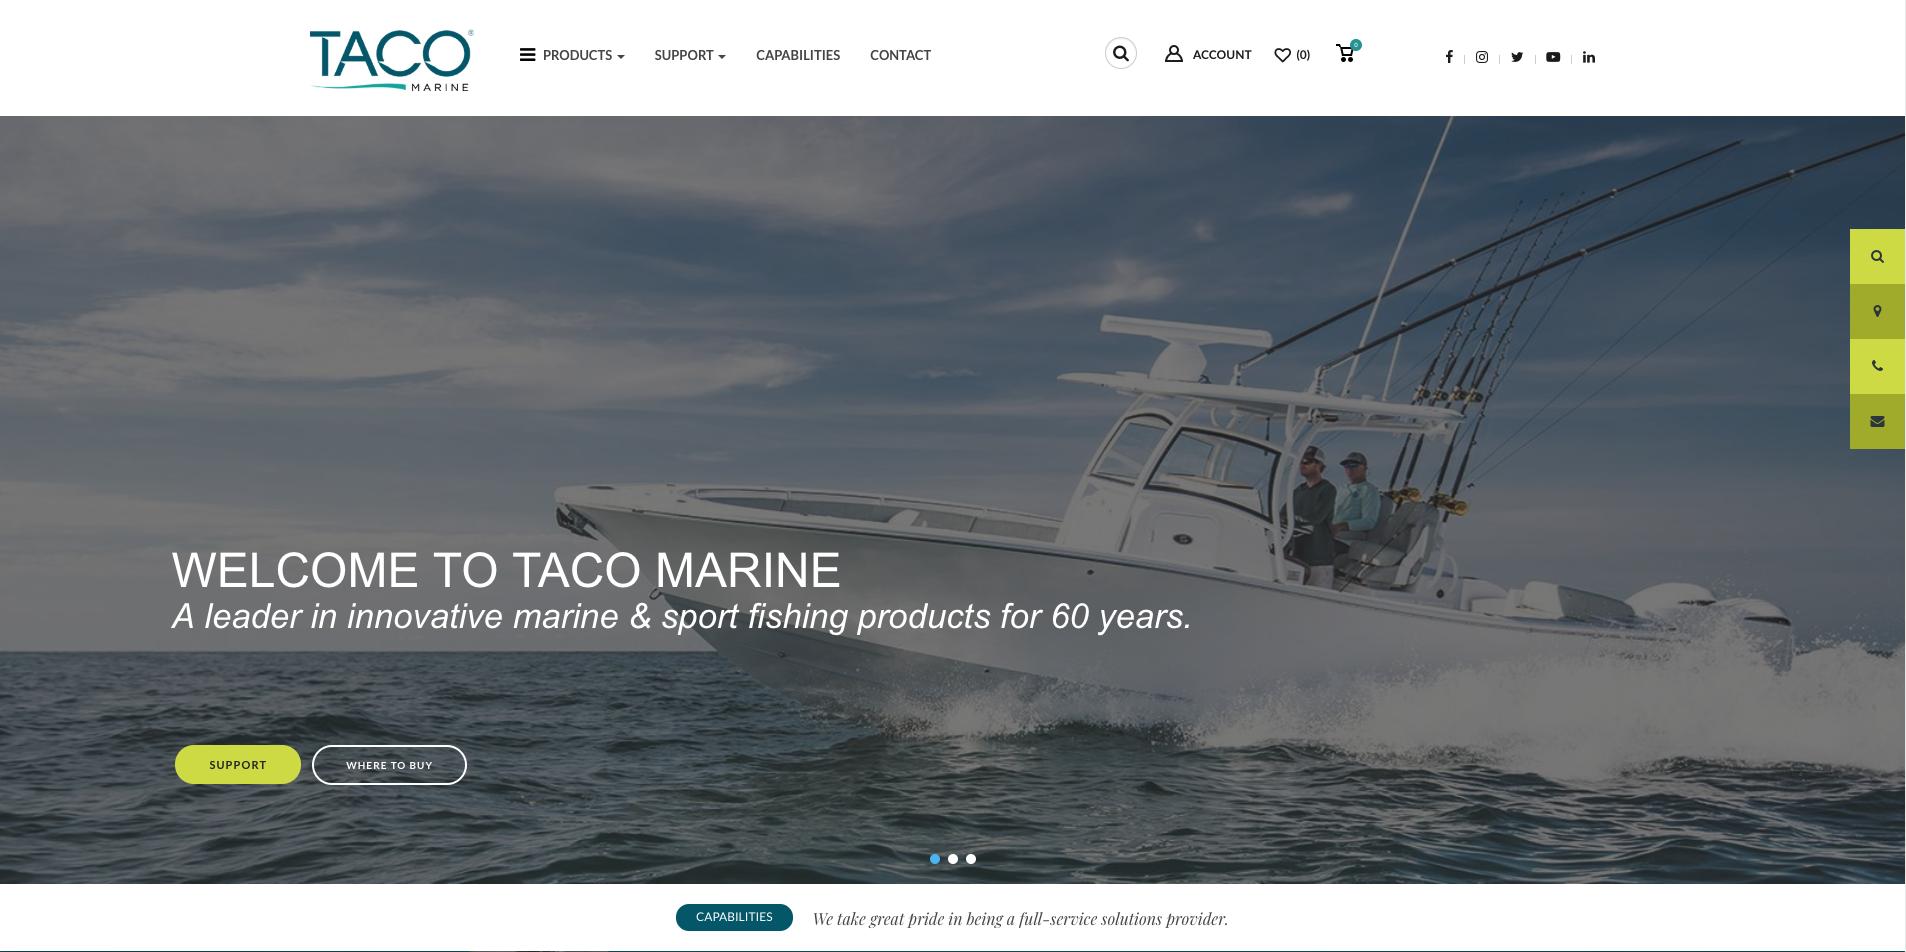 taco-marine - iGreen Marketing